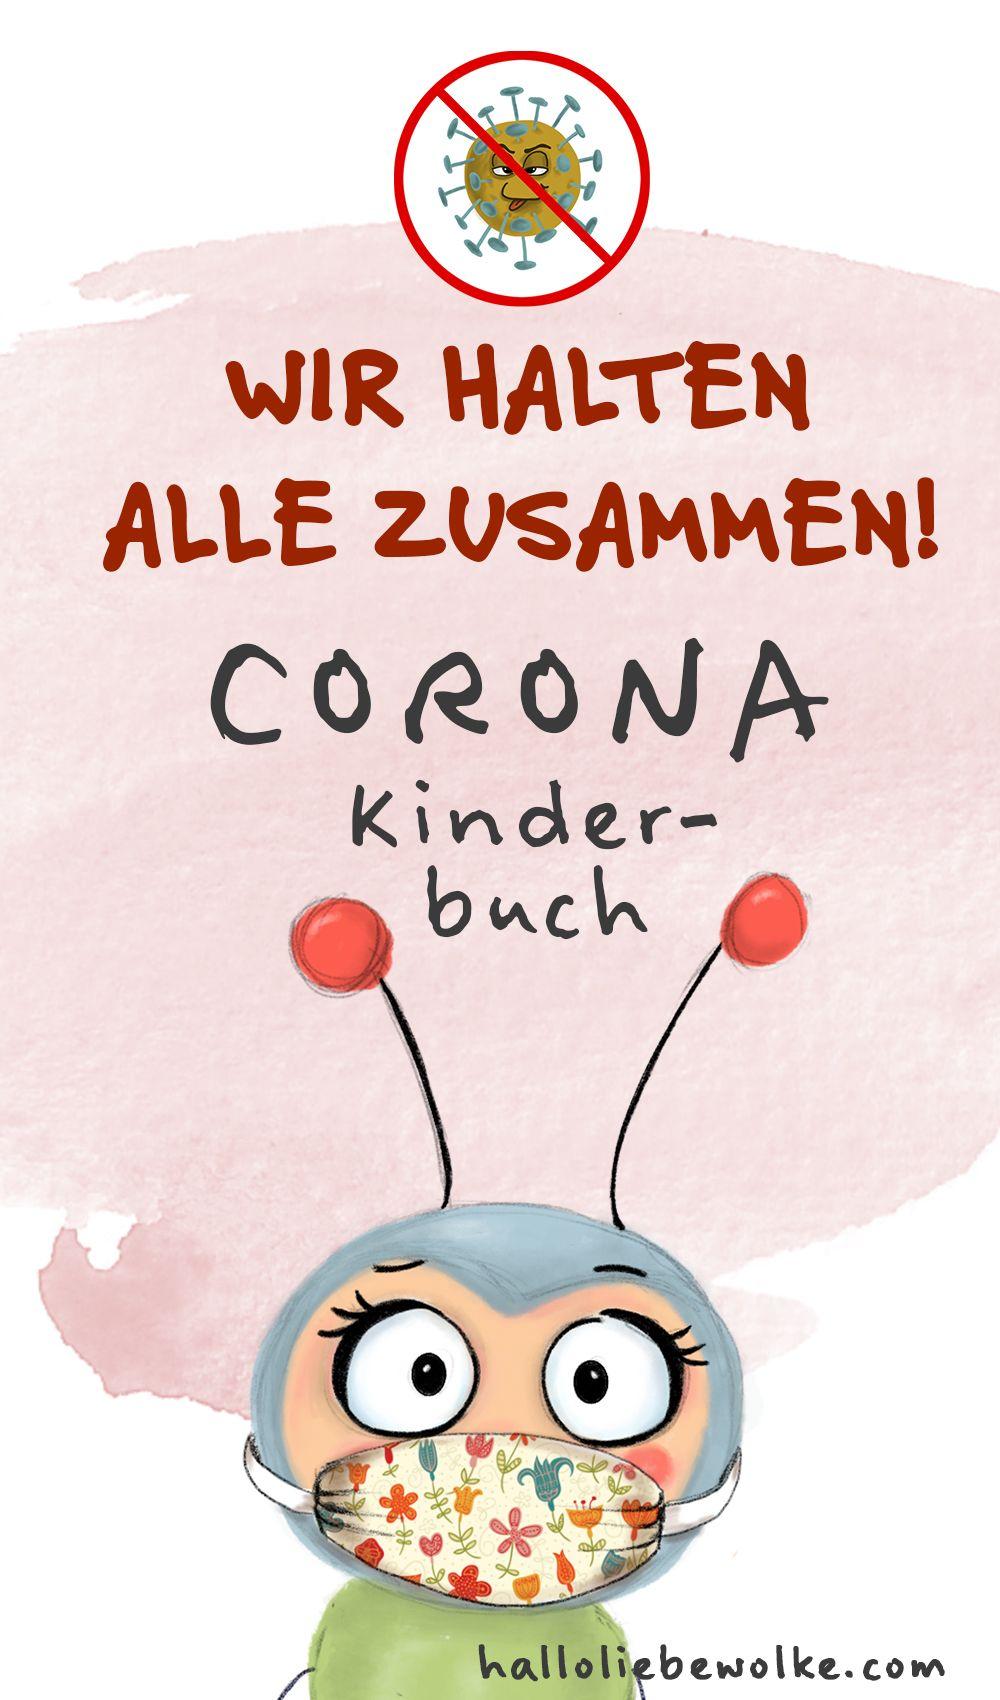 Wir halten alle zusammen! Lerngeschichte für Kinder. #corona #kinderbuch #wilmawochenwurm